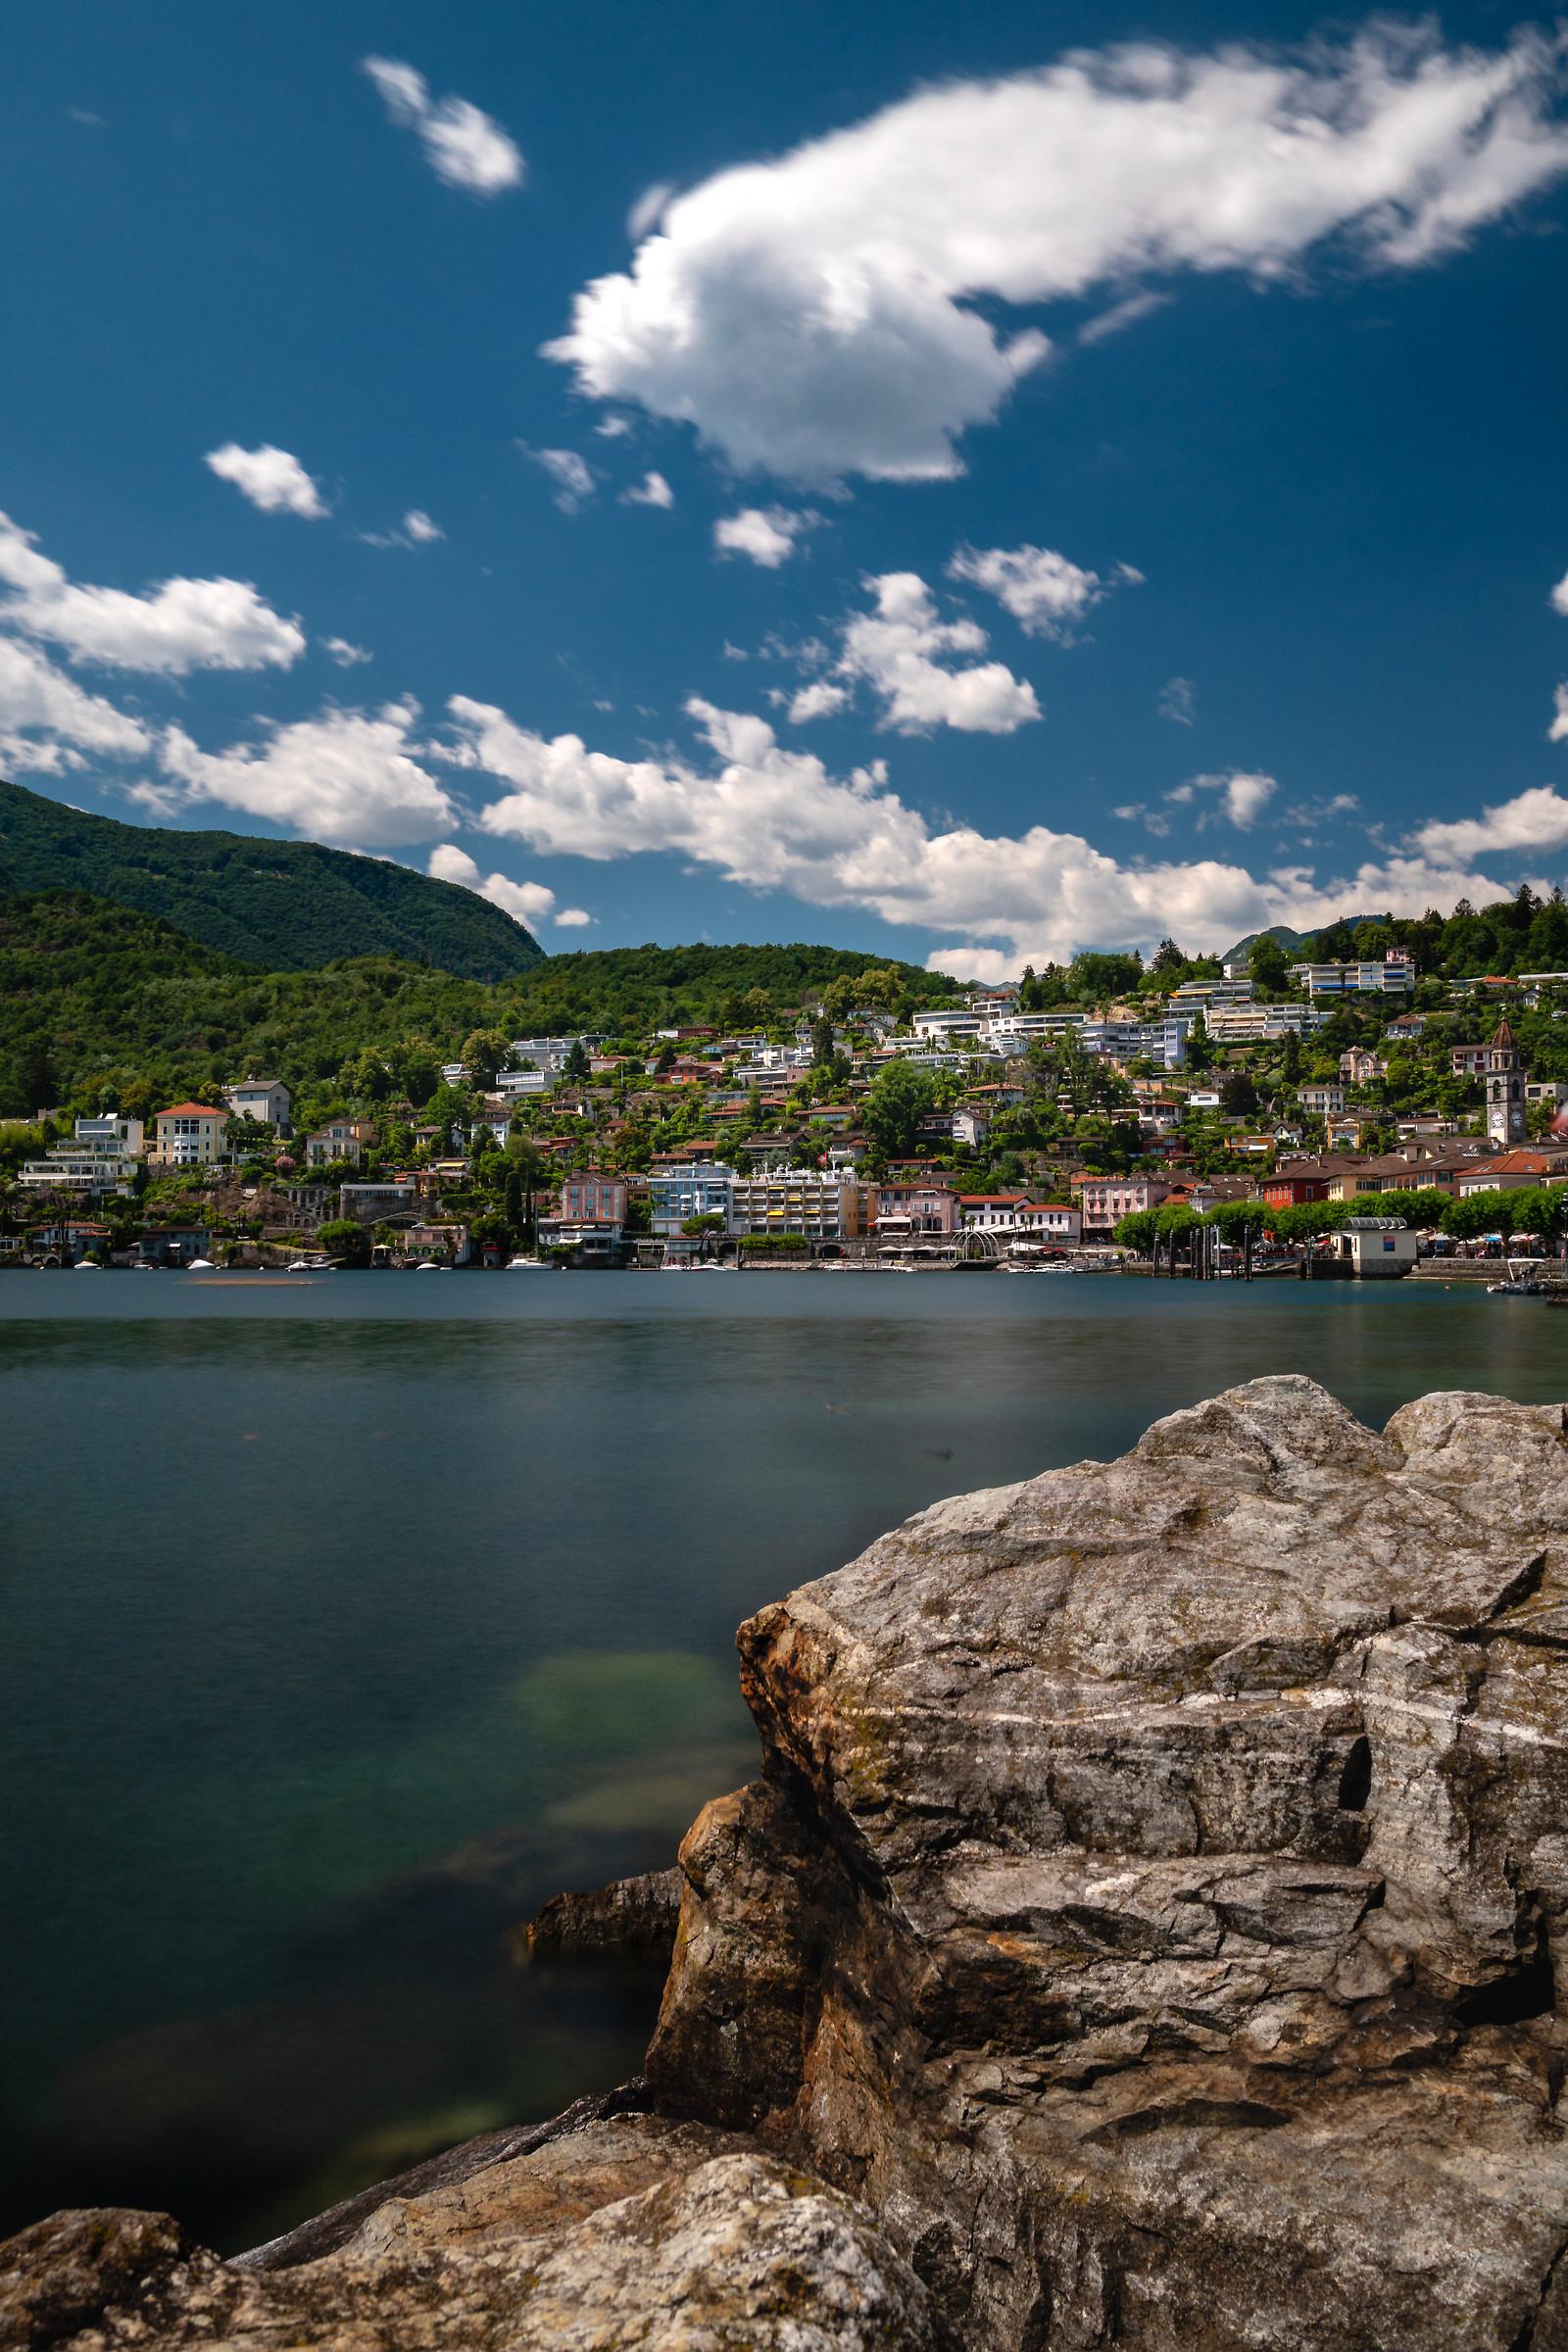 un momento di relax ( Ascona)...